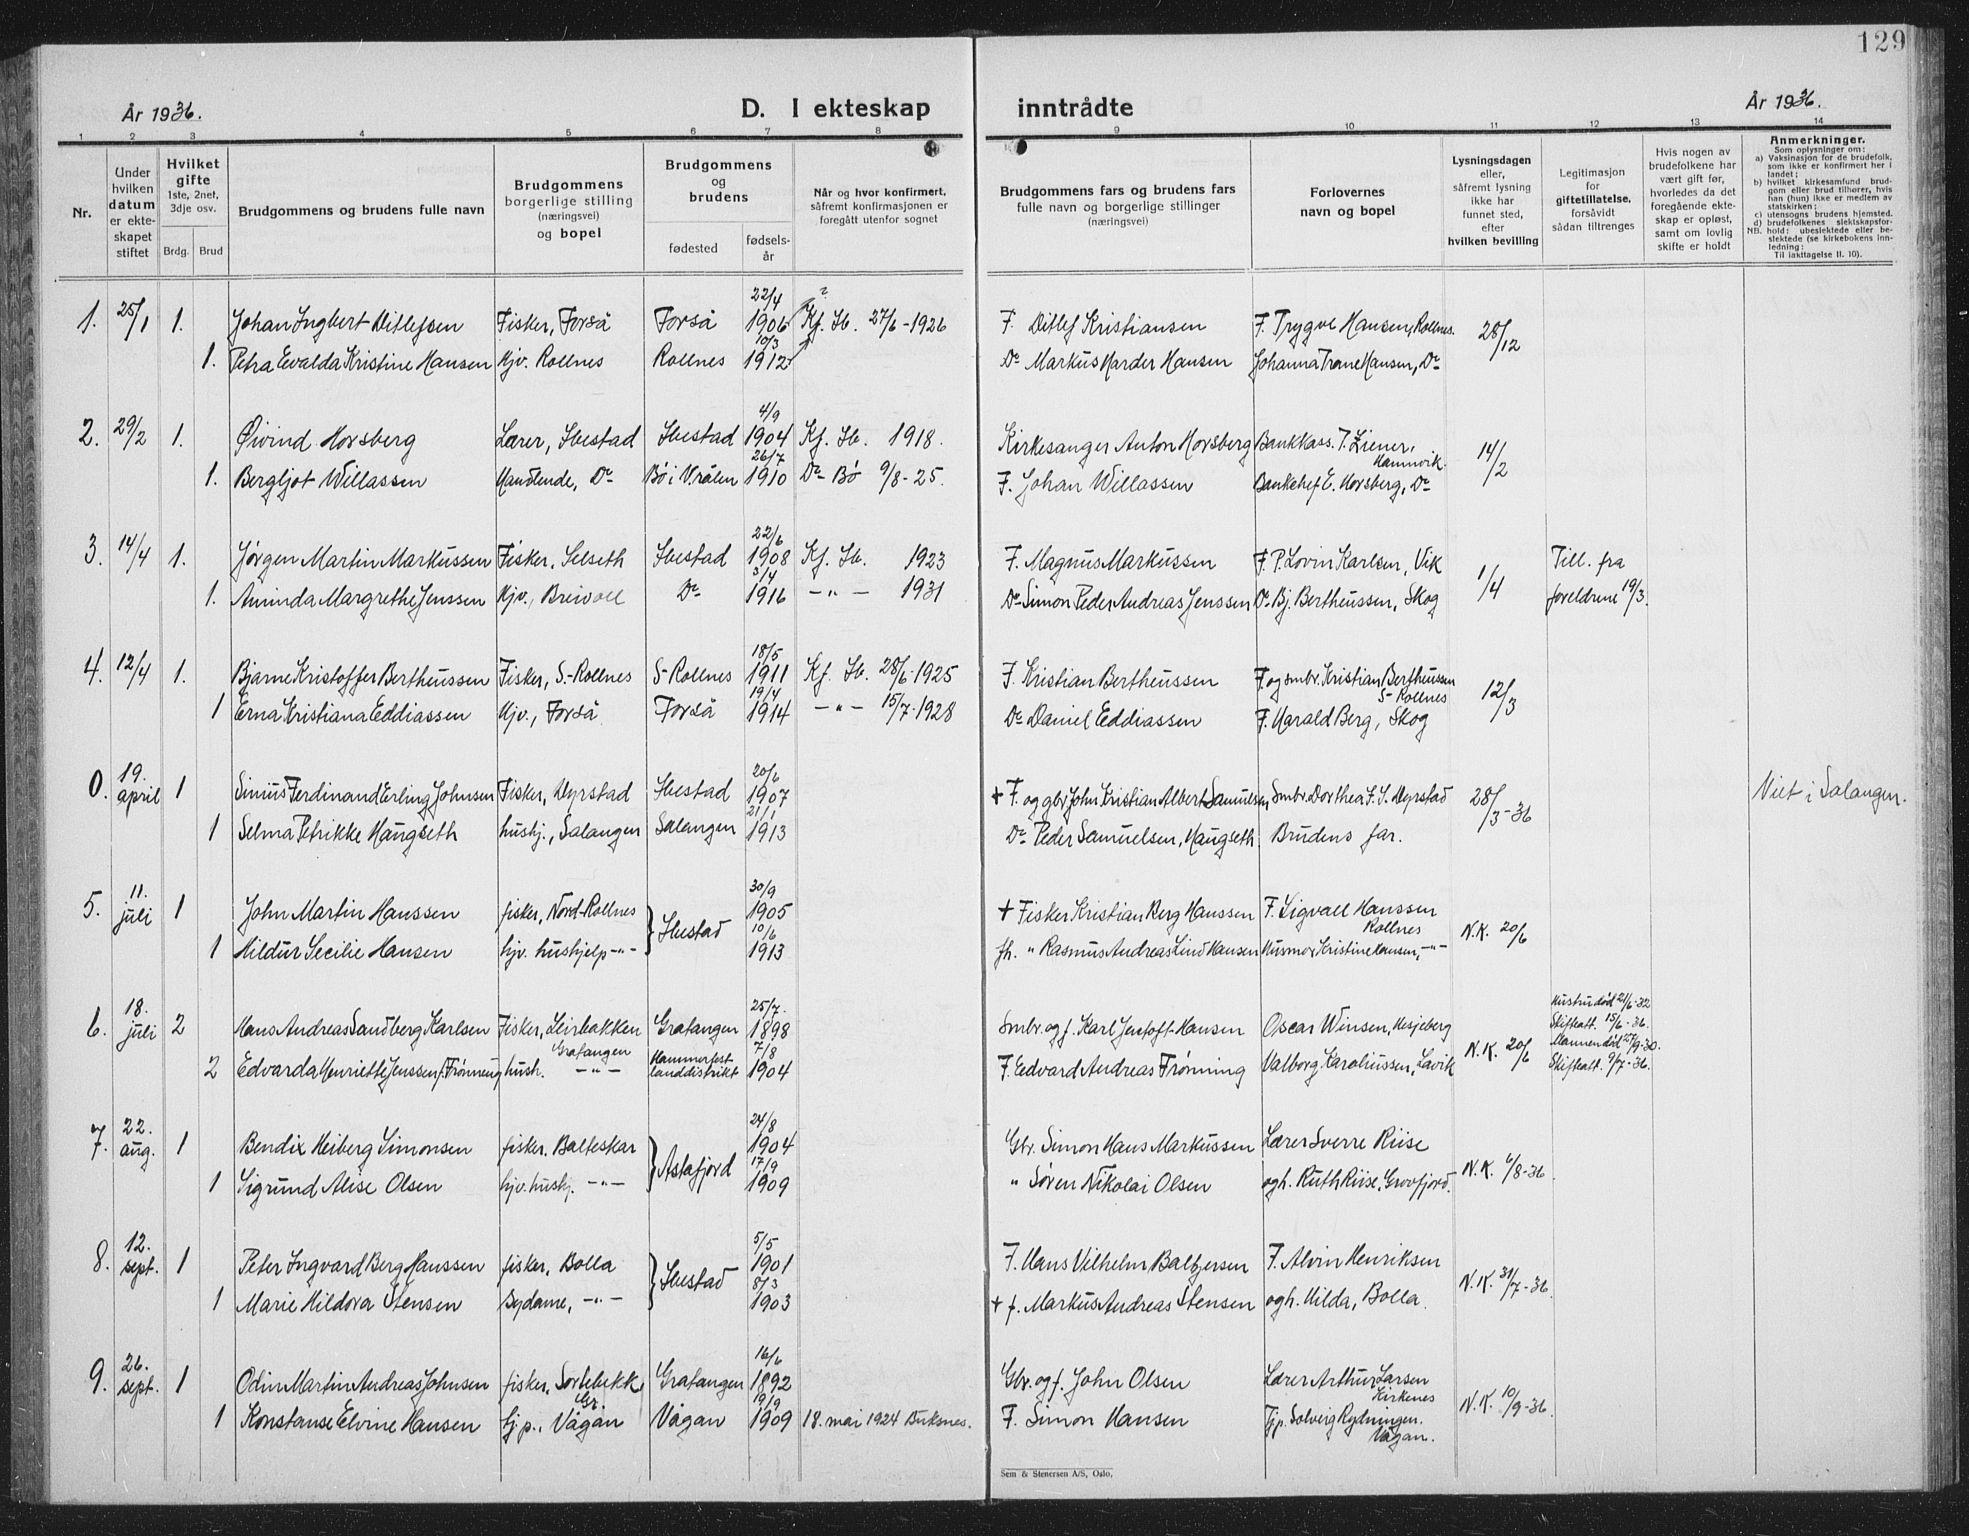 SATØ, Ibestad sokneprestembete, H/Ha/Hab/L0011klokker: Klokkerbok nr. 11, 1930-1942, s. 129